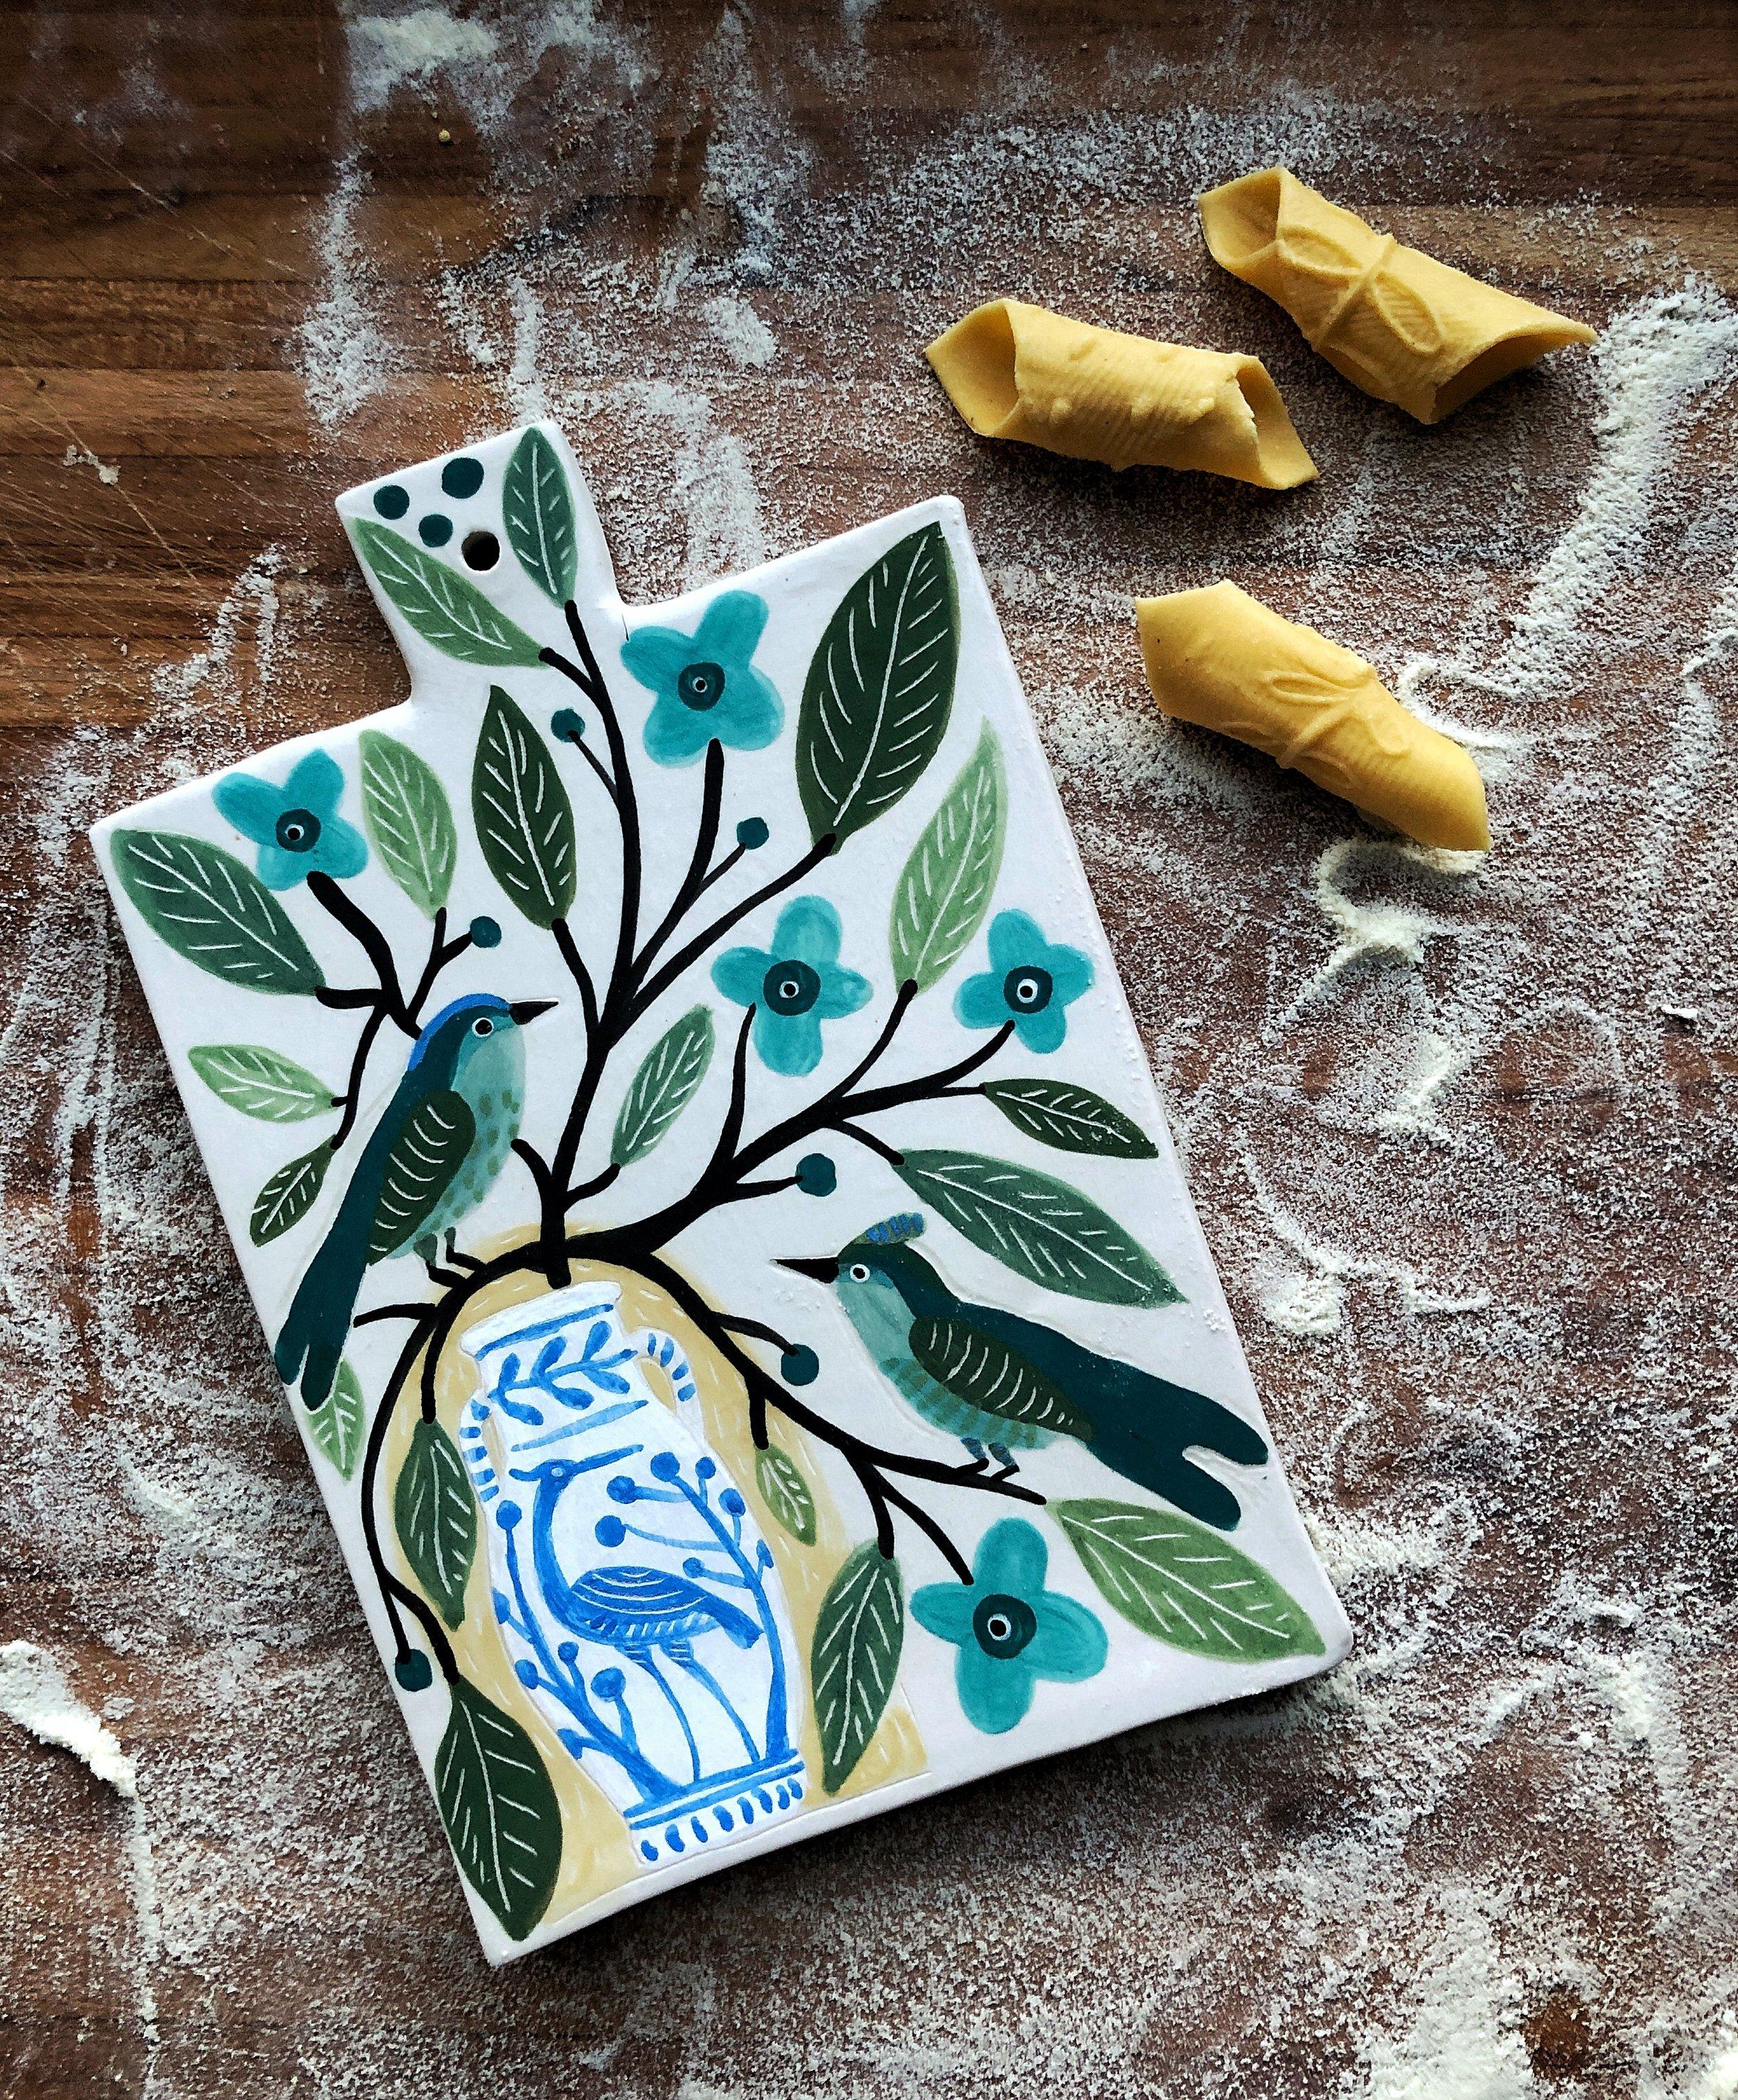 Gabrielle_Schaffner_pasta_board-blue-vase_1.jpg